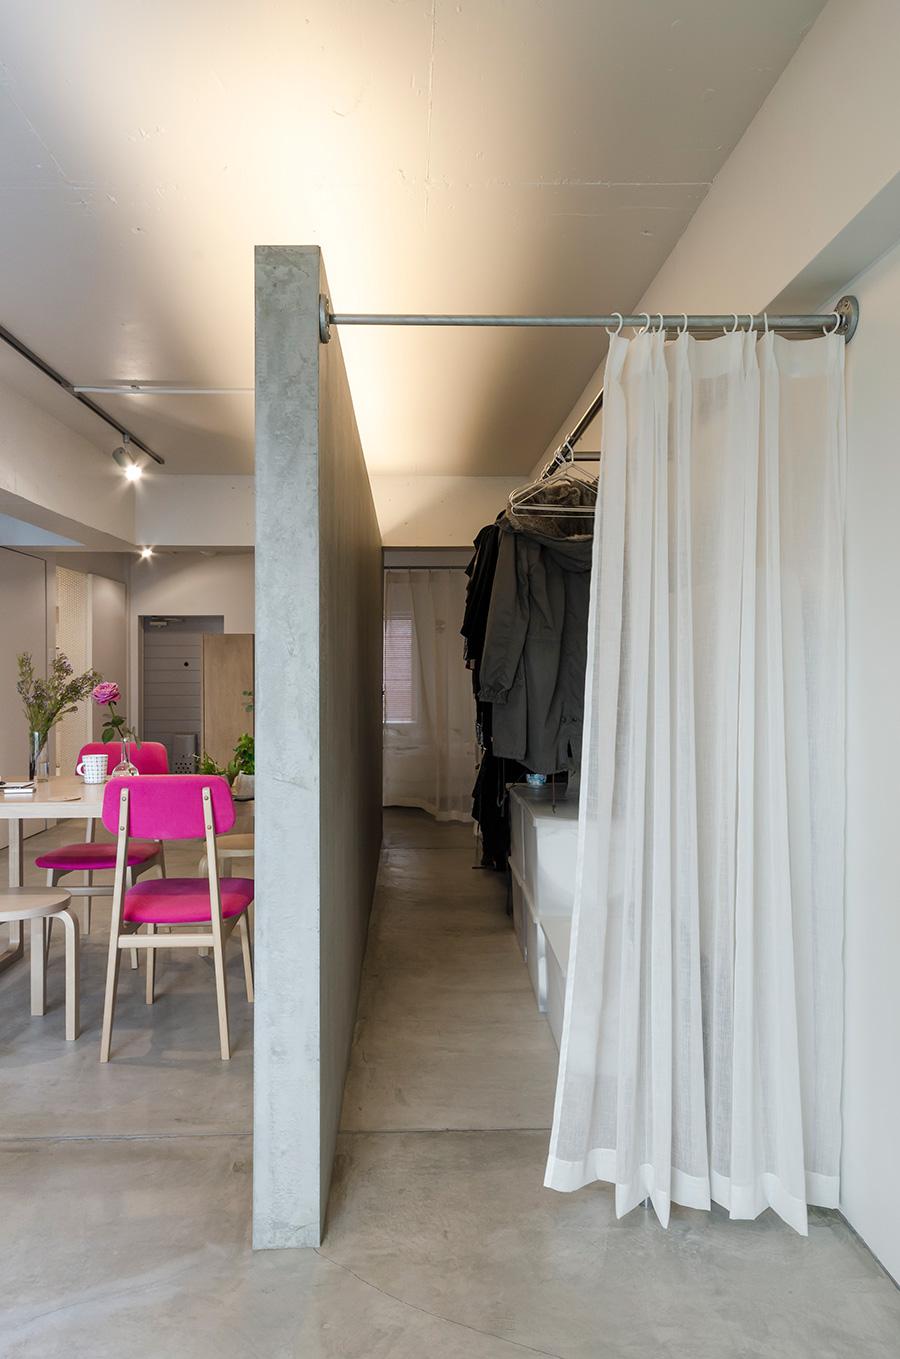 空間を仕切るのは壁ではなくパーテーション。